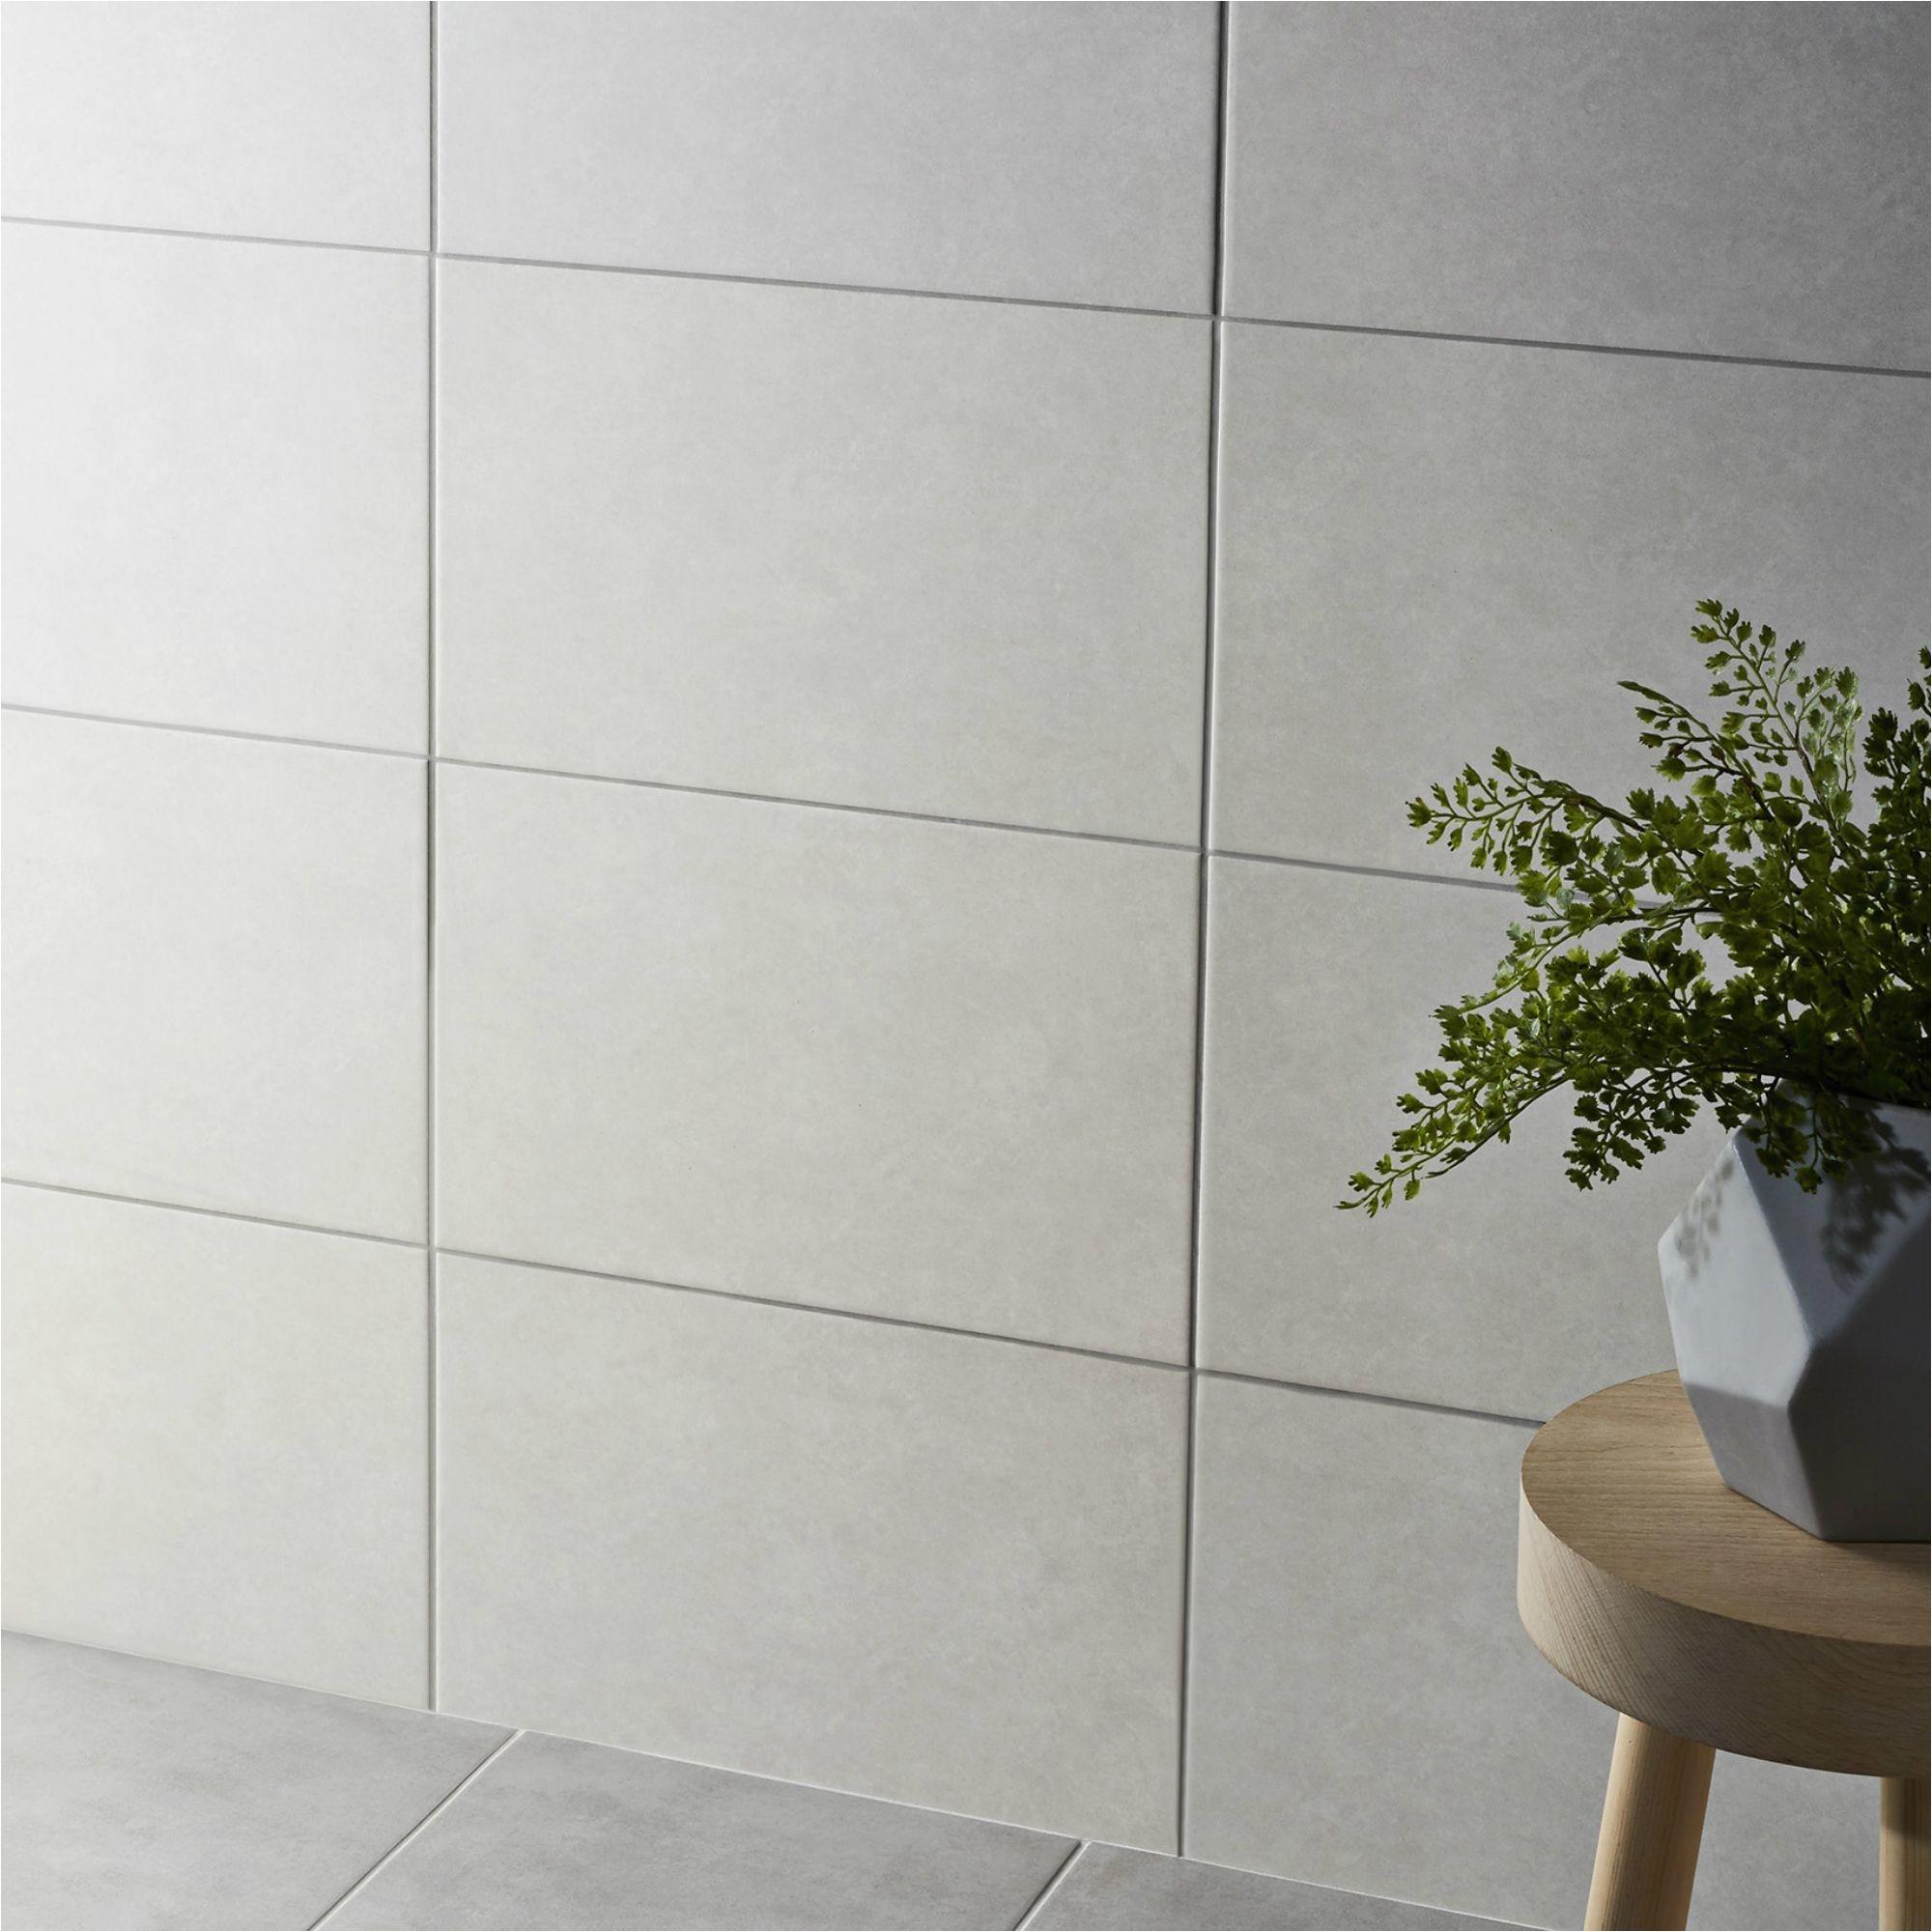 cimenti grey matt ceramic wall tile pack of 10 l 400mm